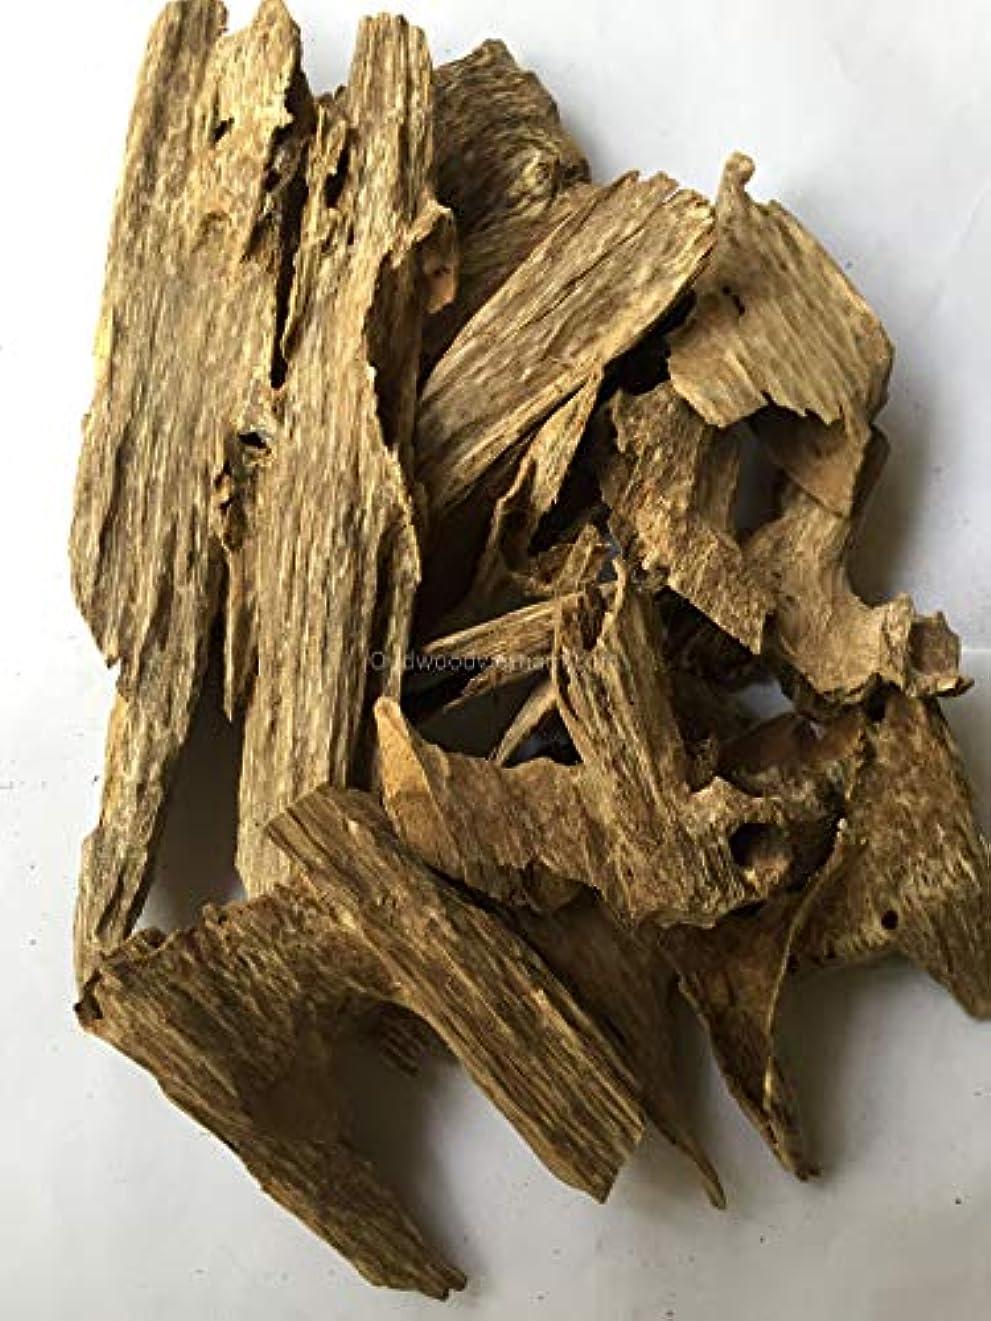 一回ドロップ地平線アガーウッドチップ オウドチップス お香 アロマ ナチュラル ワイルド レア アガーウッド チップ オードウッド ベトナム 純素材 グレード A++ 50g